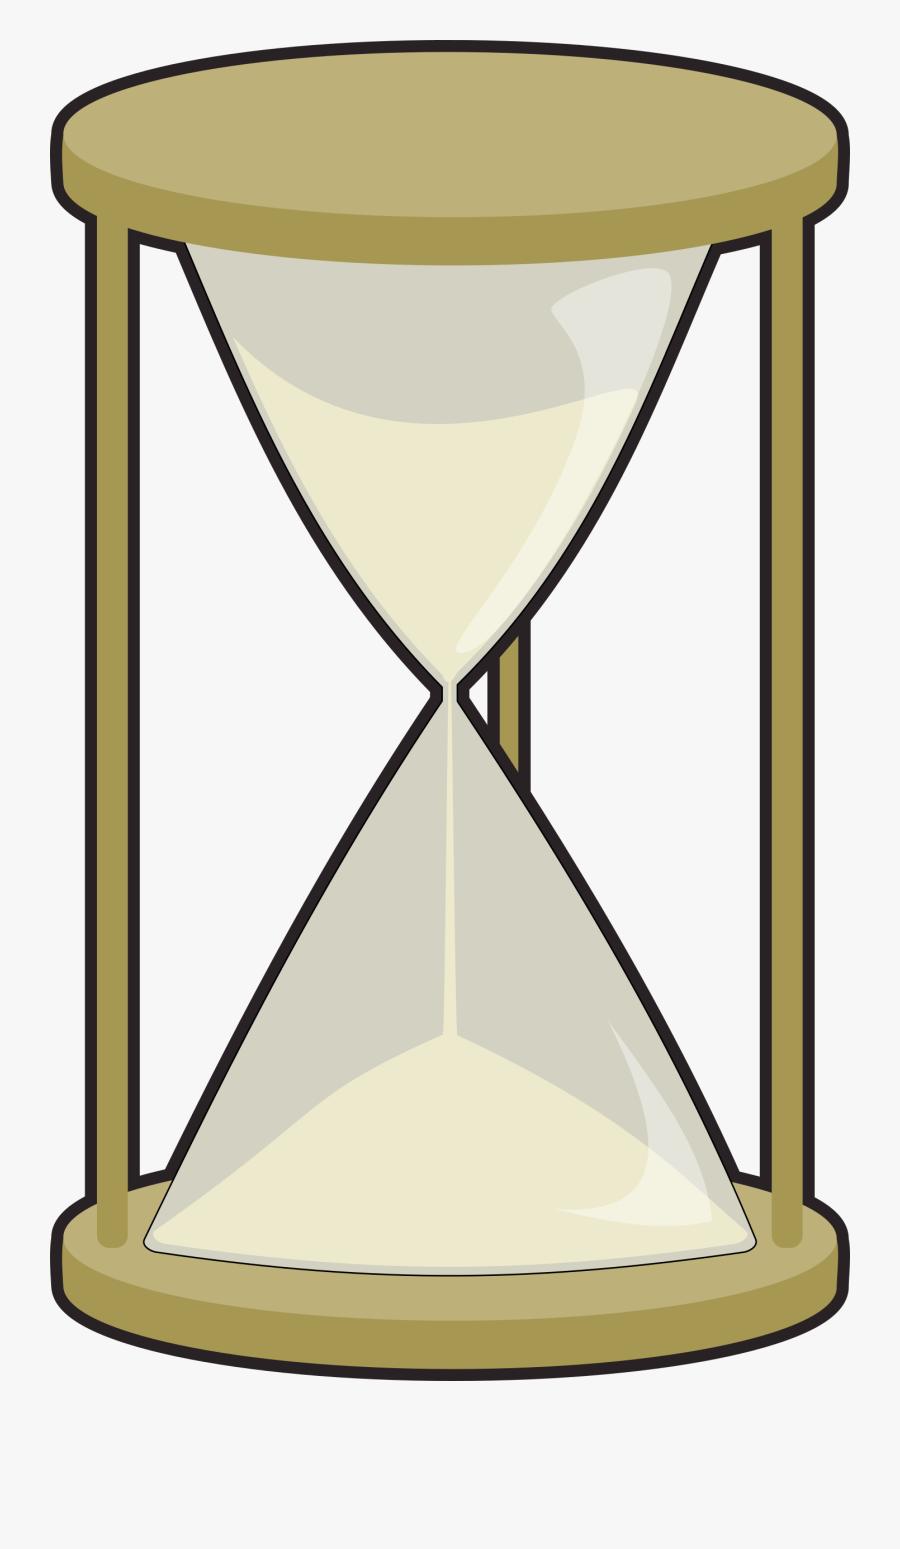 trending hourglass clip art - hourglass clipart , free transparent clipart  - clipartkey  clipartkey